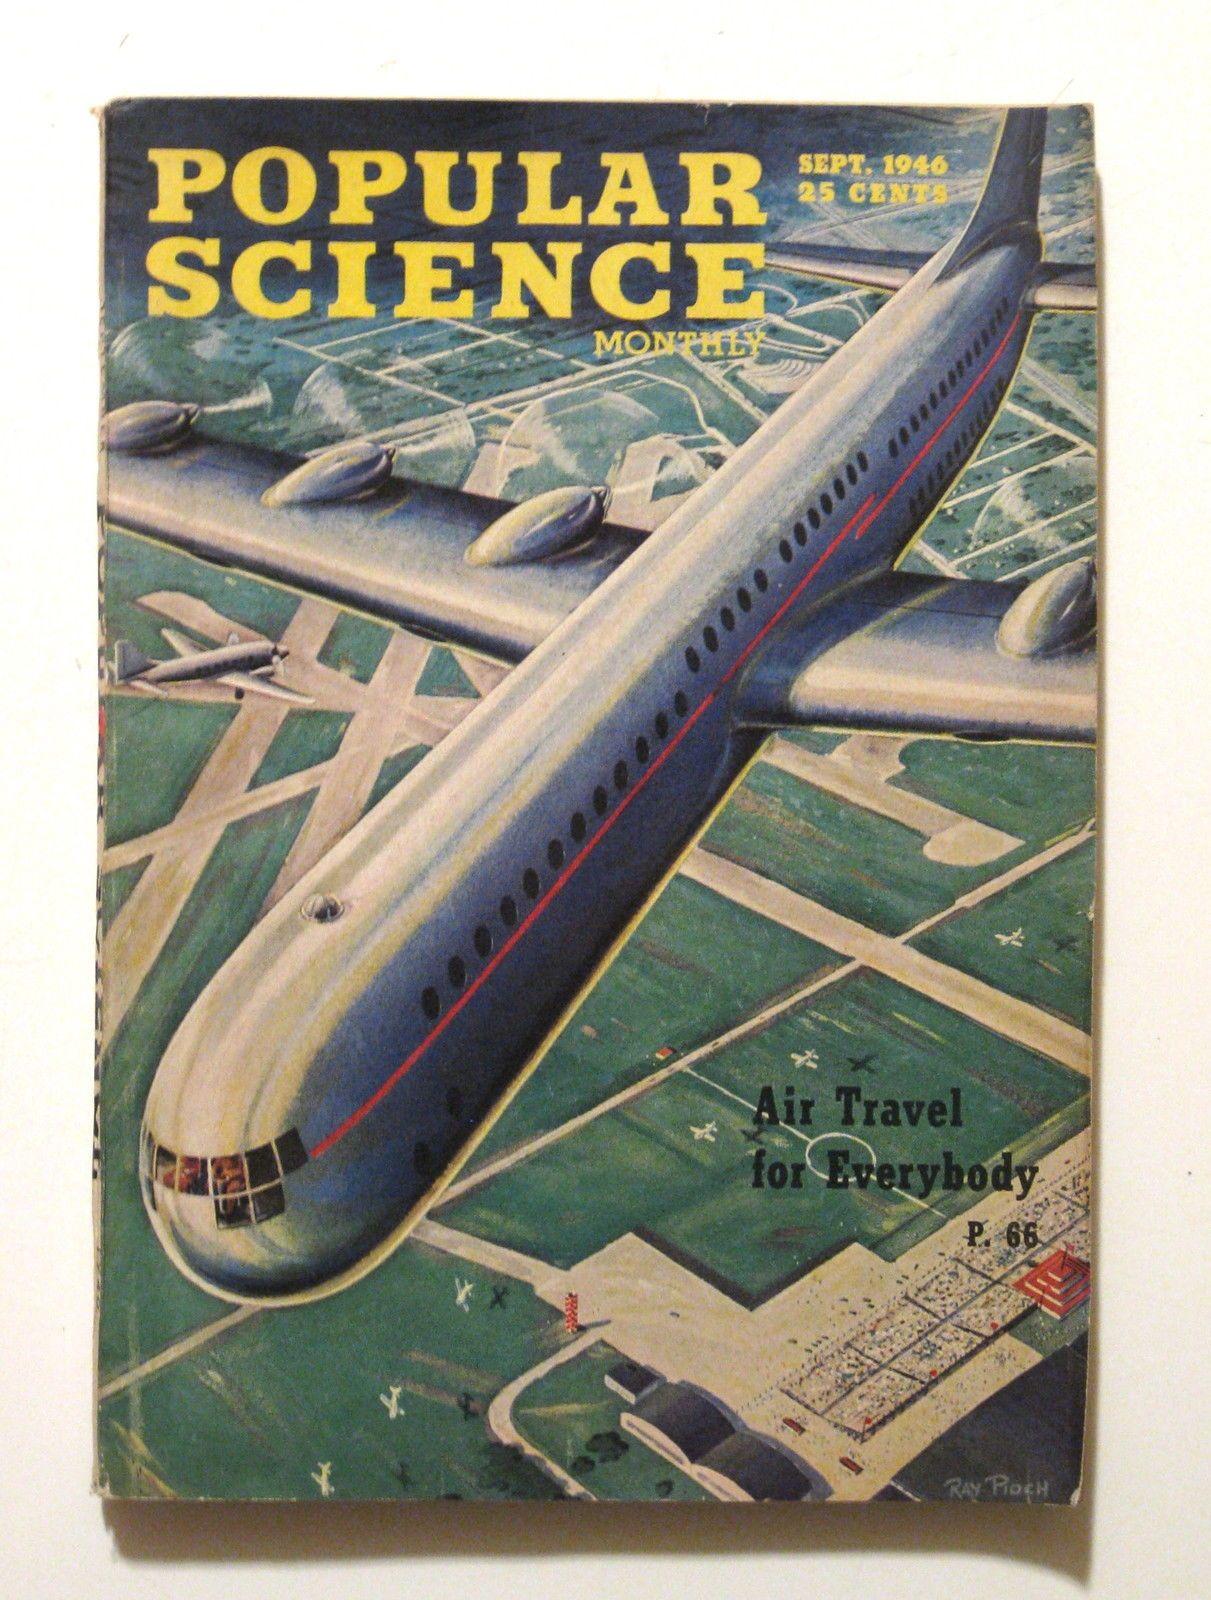 1946 Futuristic Air Travel Airplane Design Popular Science